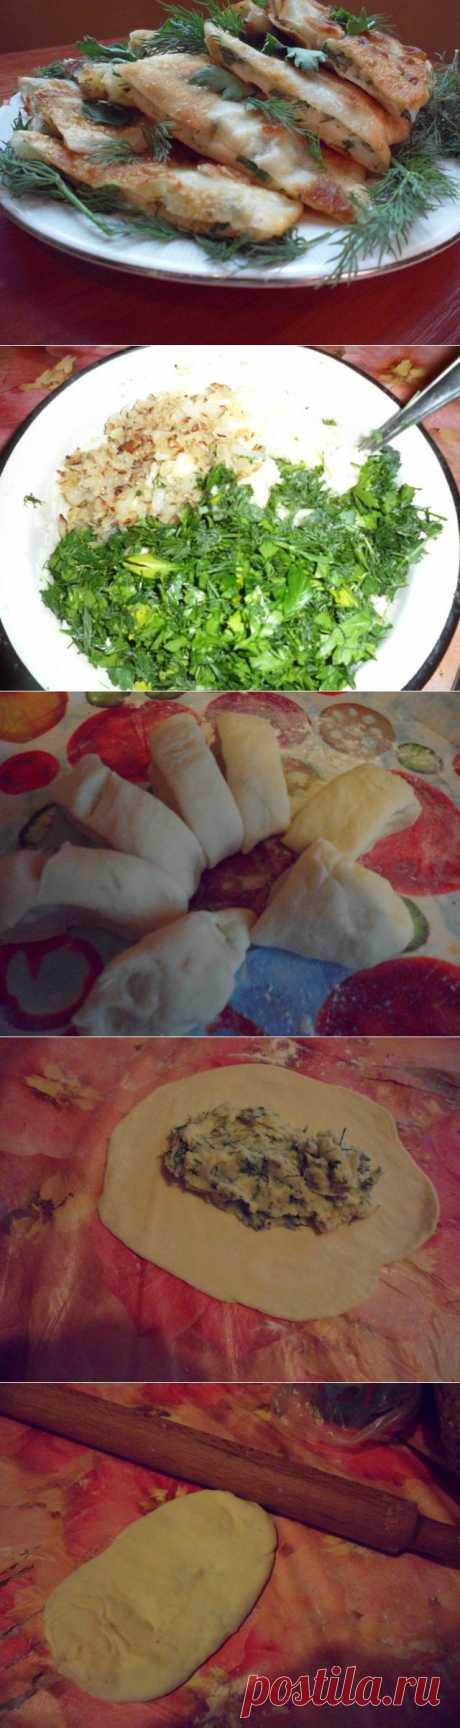 Los pastelillos con las patatas y la verdura del test delgado.